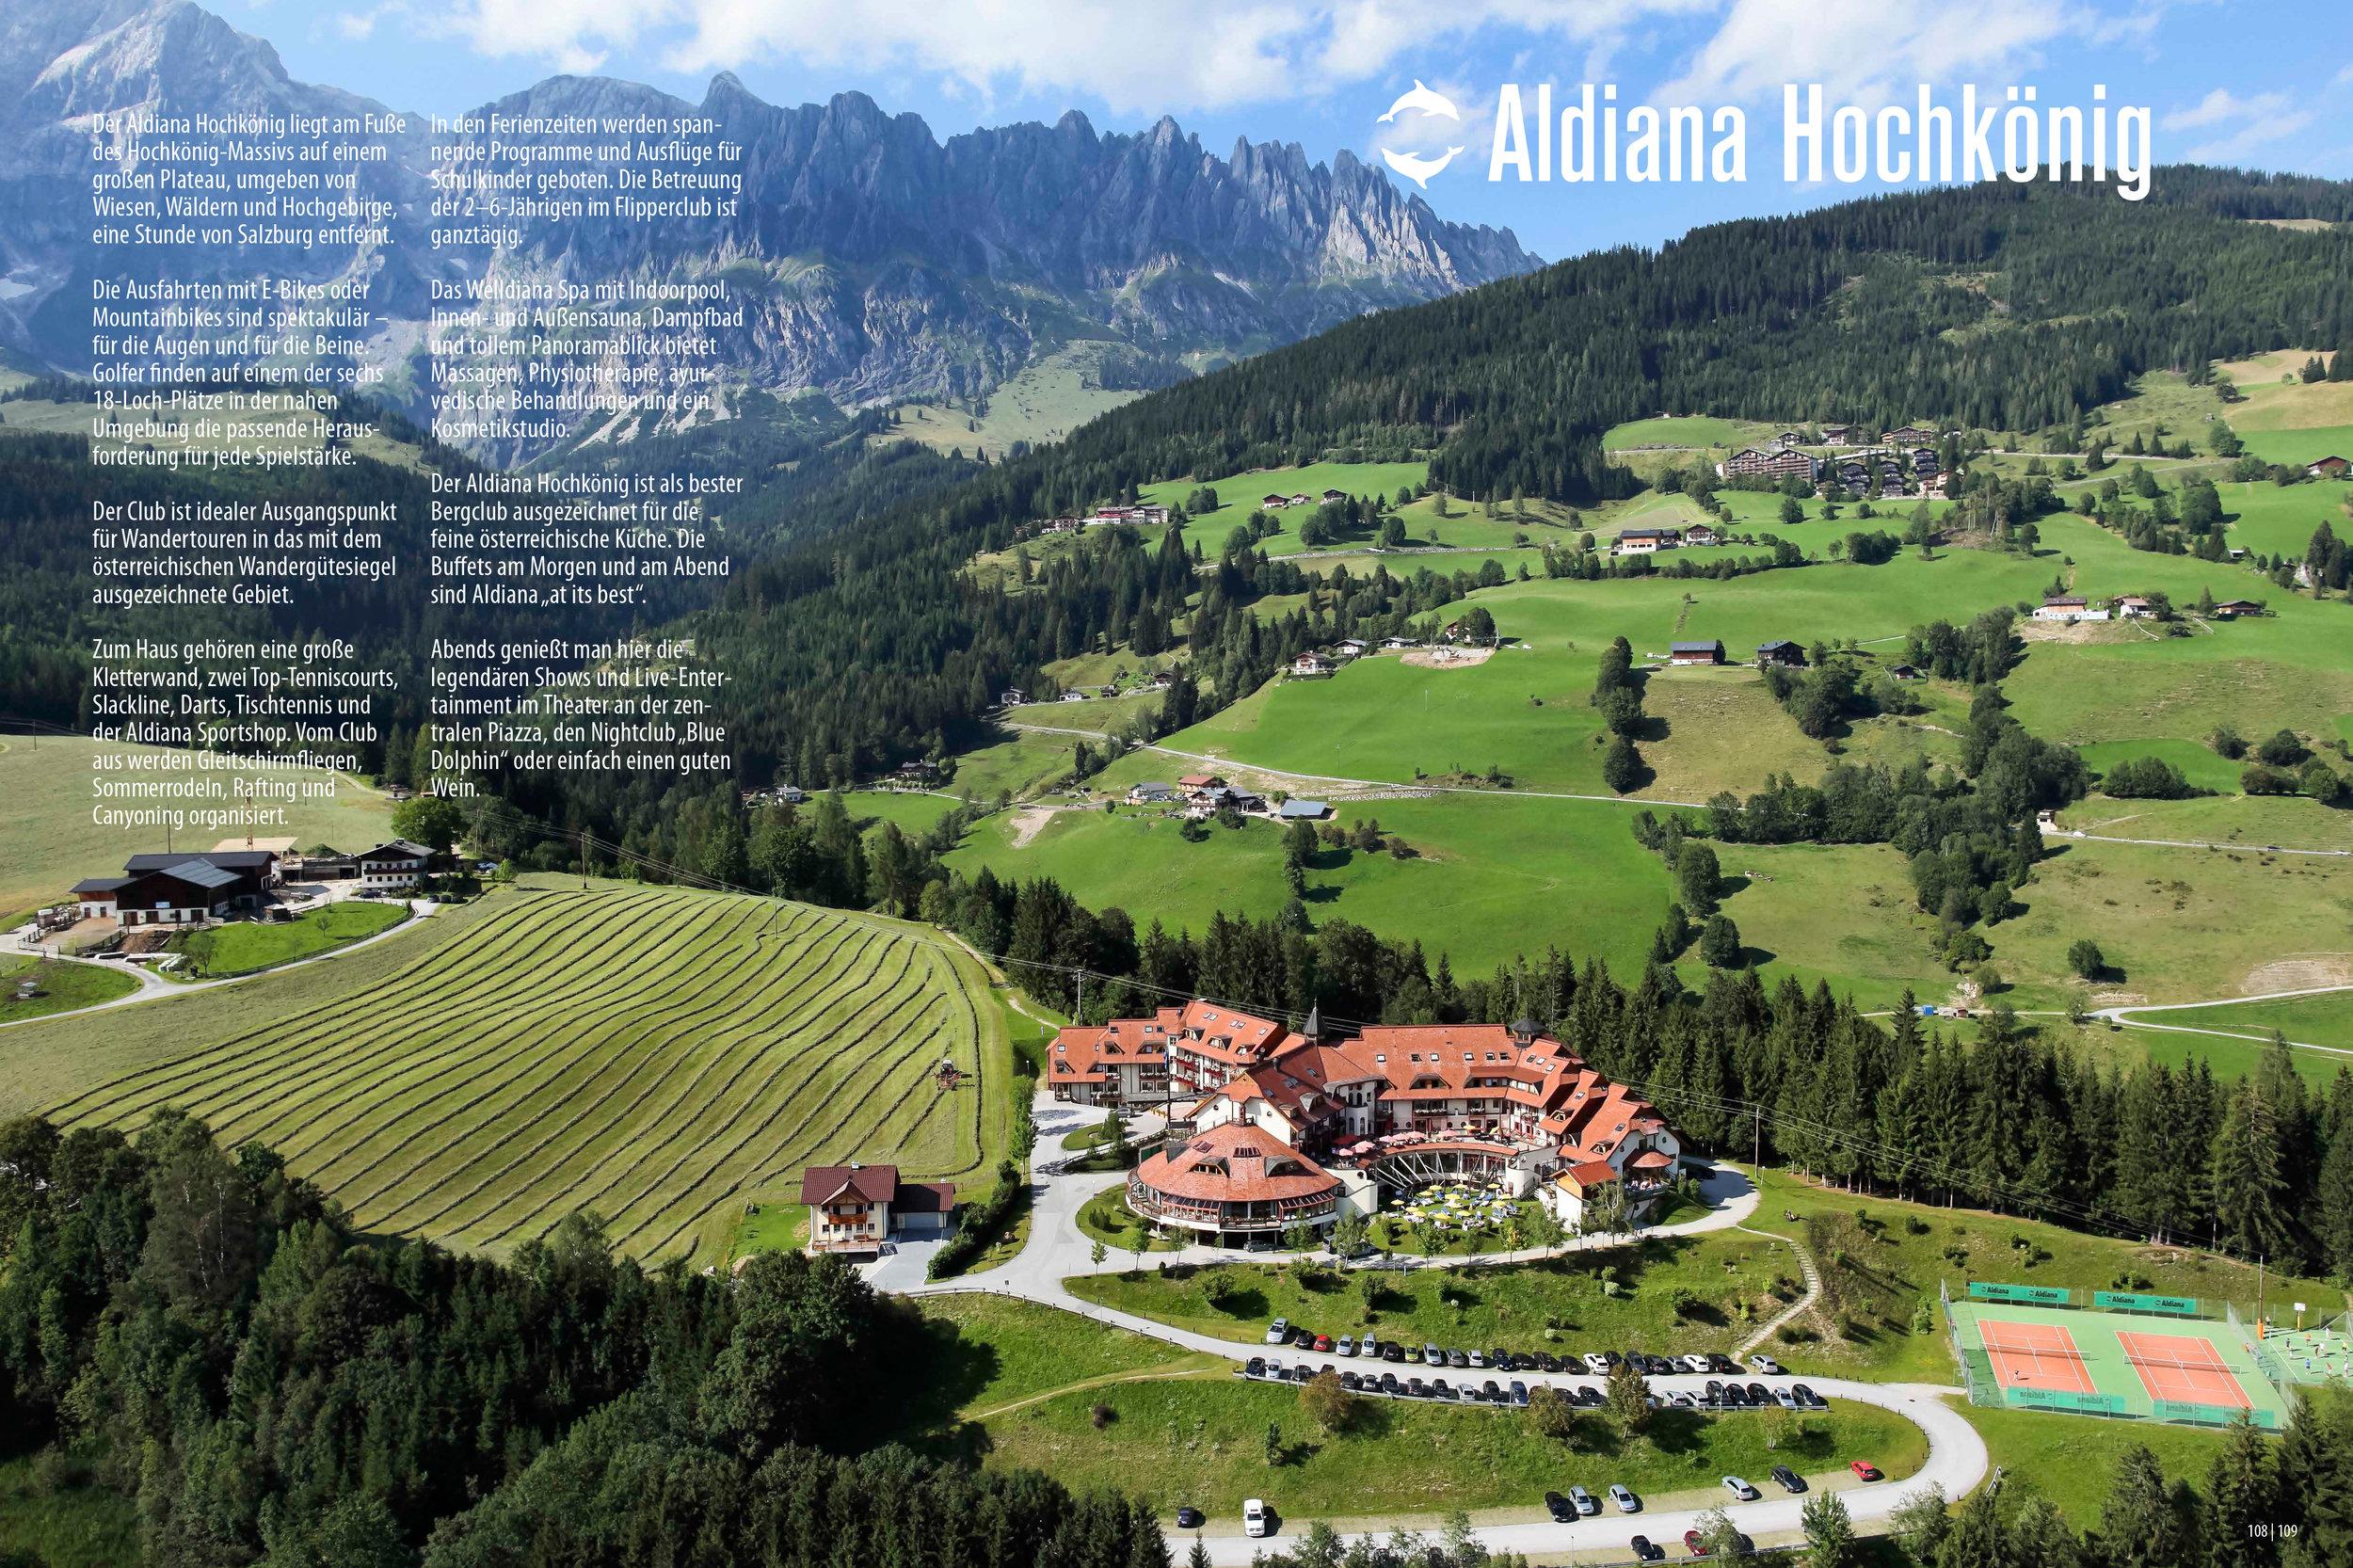 Aldiana Katalog Sommer 2017 Club Hochkönig